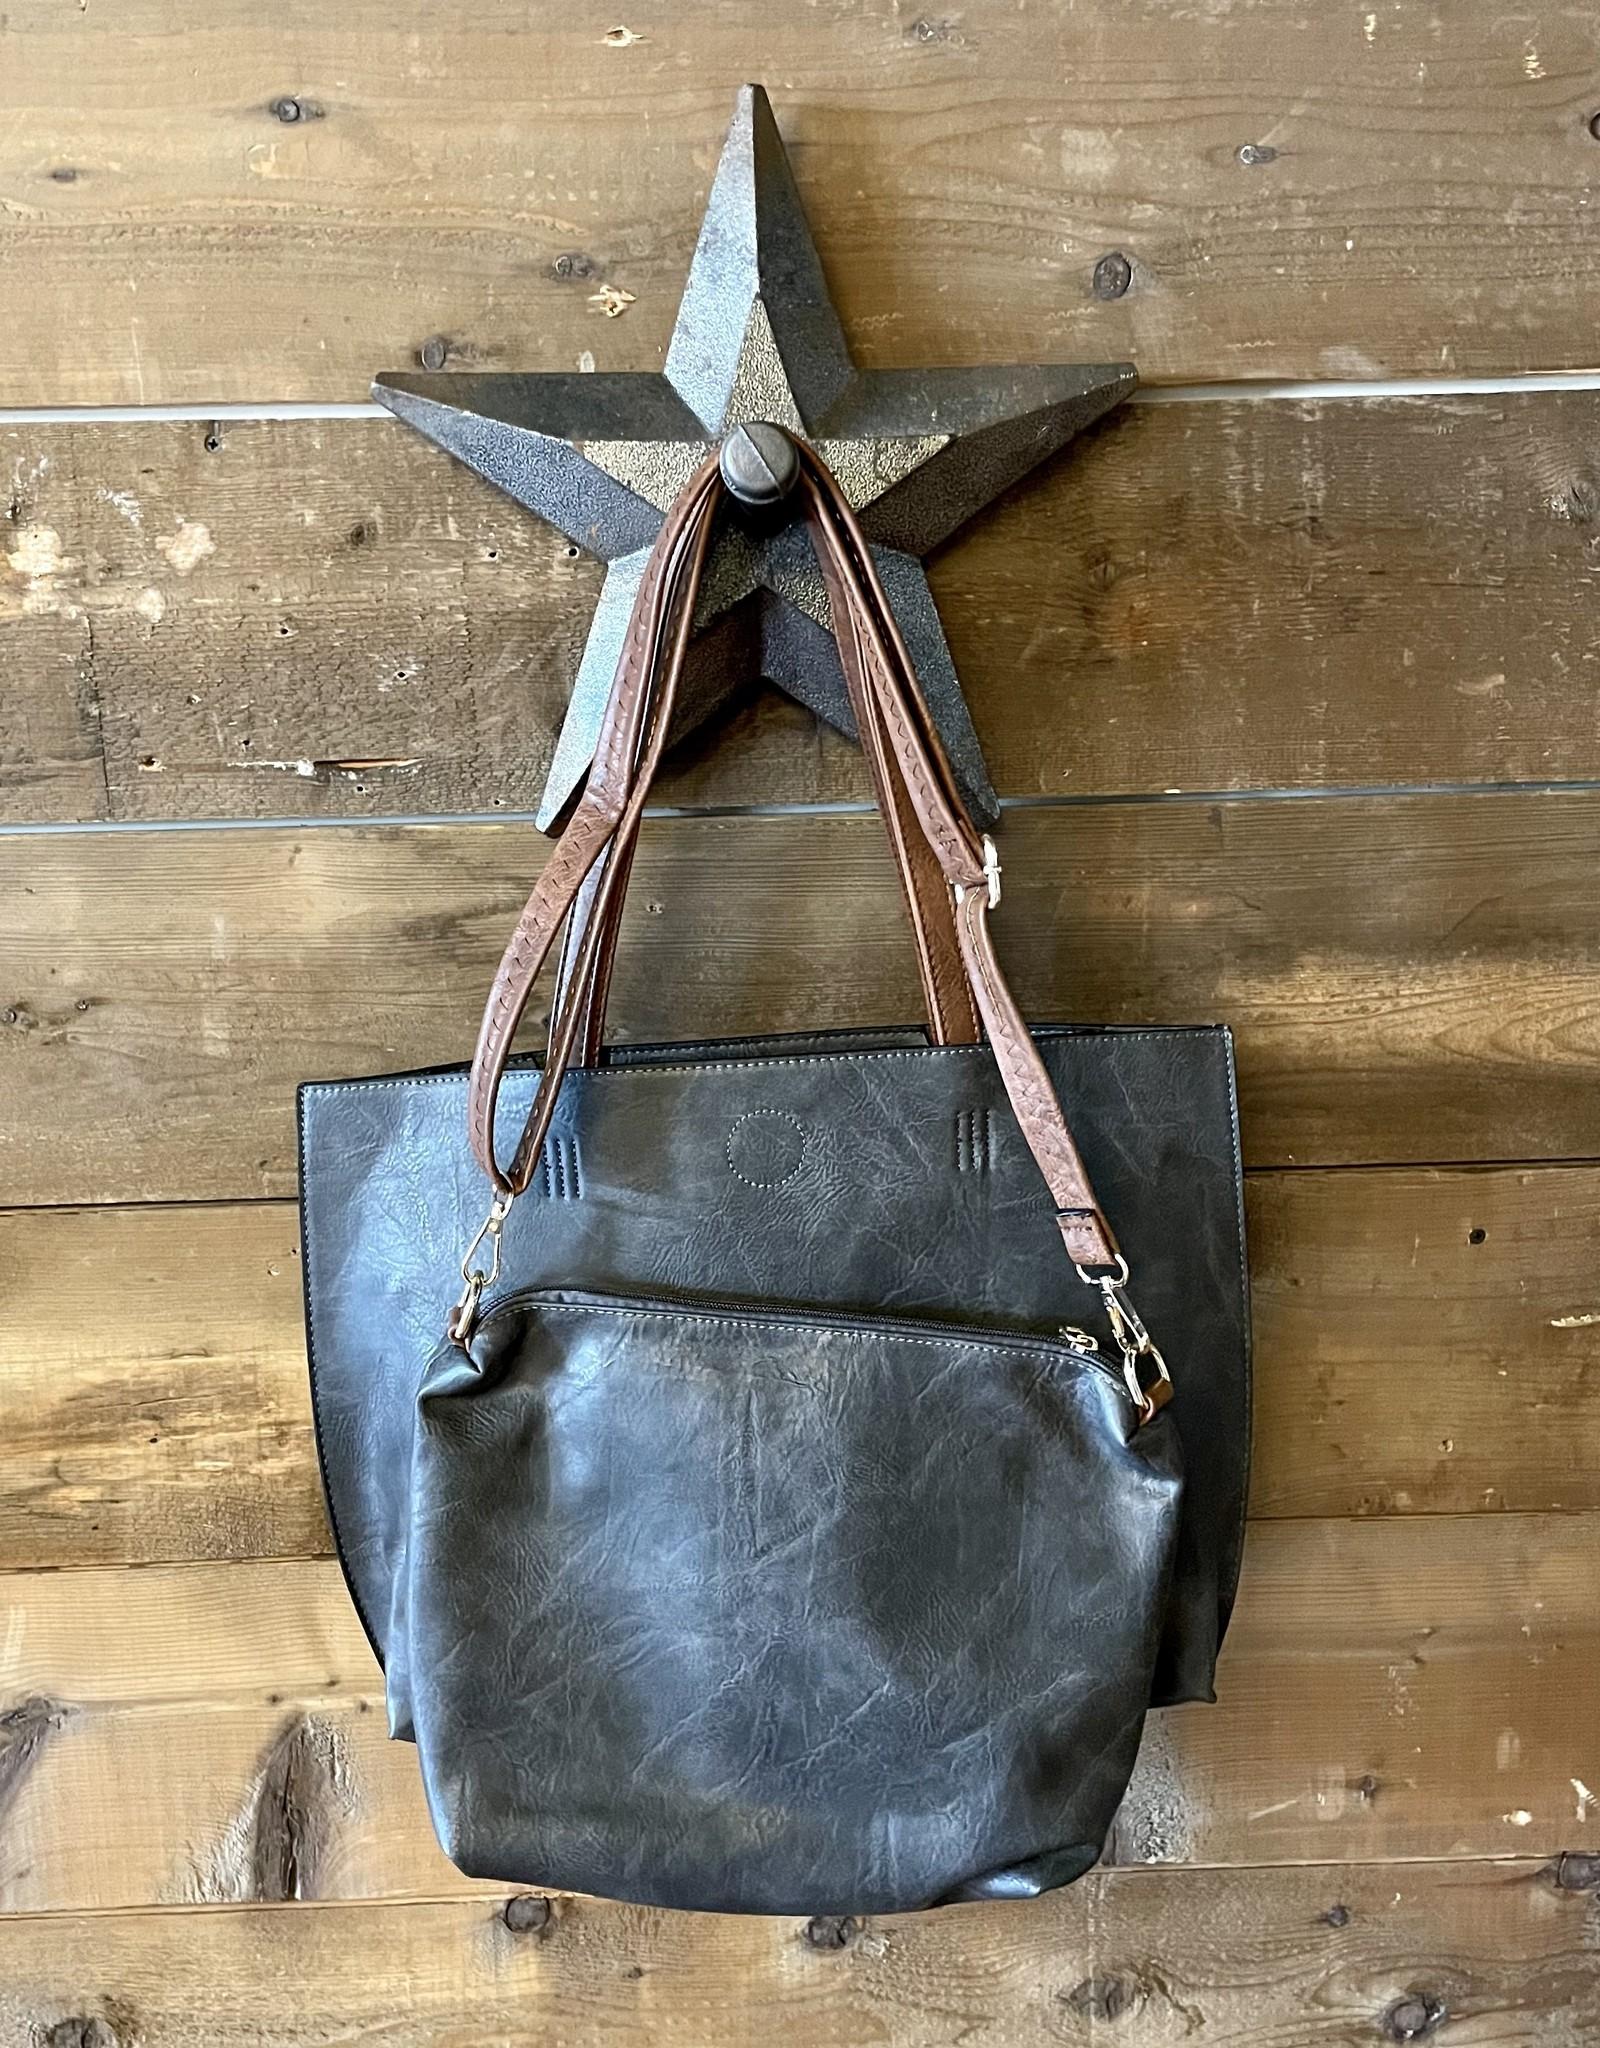 Blue Suede Tote Bag with Additional Shoulder Bag